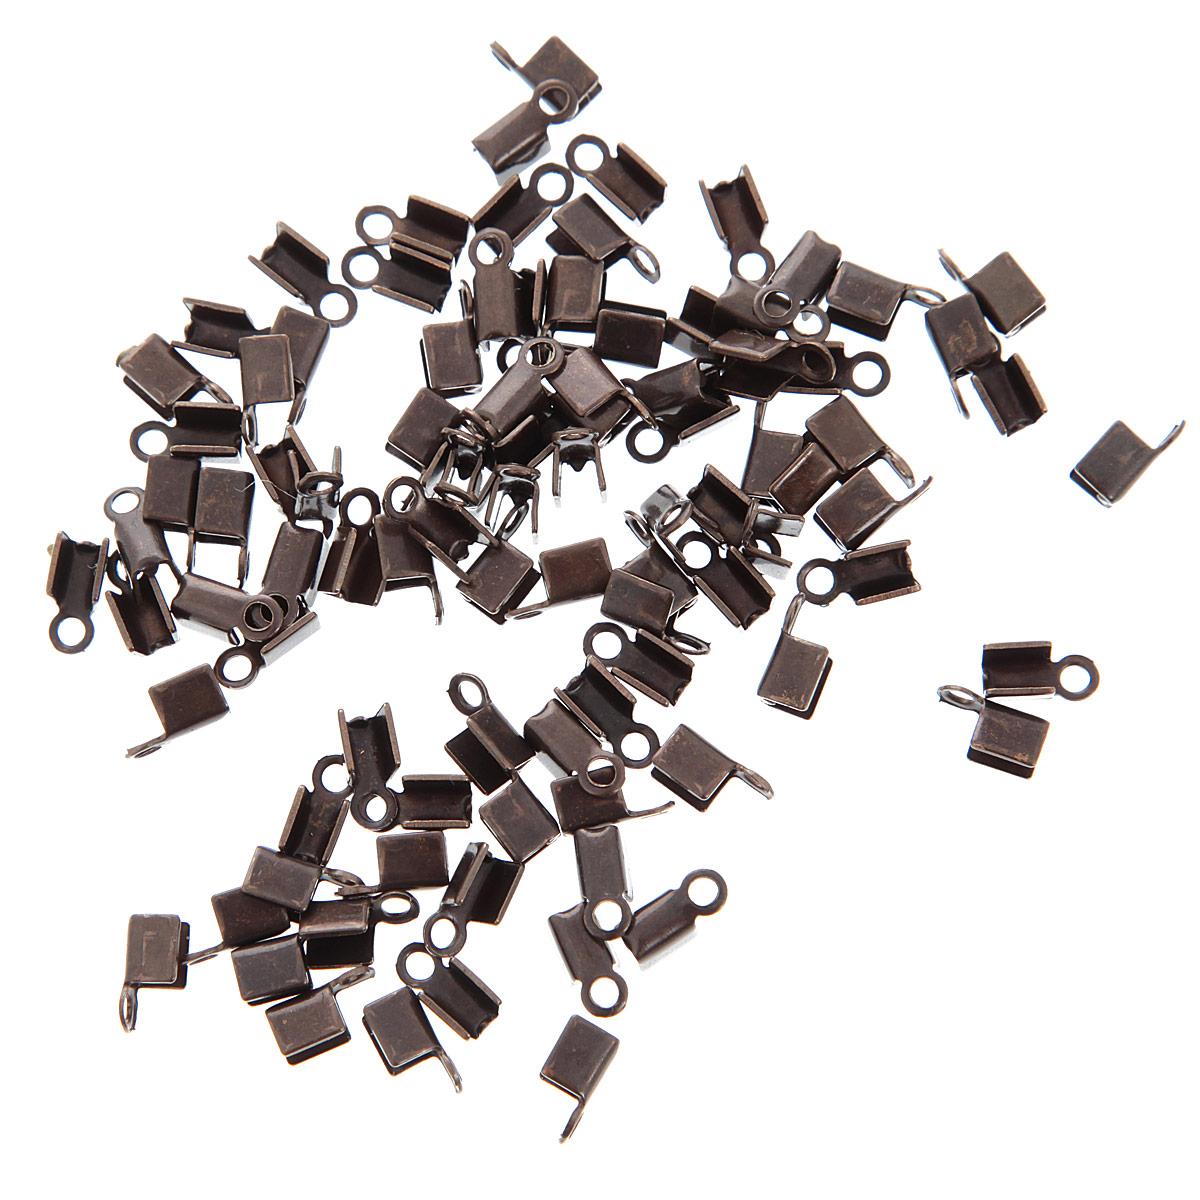 Концевик для бижутерии Vintaj, длина 9 мм, 72 штCE20Набор Vintaj состоит из 72 концевиков, выполненных из высококачественного металла. С помощью концевика можно незаметно убрать окончания шнура, лески и другой основы. Прочная конструкция такой фурнитуры для бижутерии позволят крепко зафиксировать основу. Изготовление украшений - занимательное хобби и реализация творческих способностей рукодельницы, это возможность создания неповторимого индивидуального подарка. Размер концевика: 9 мм х 5 мм х 5 мм.